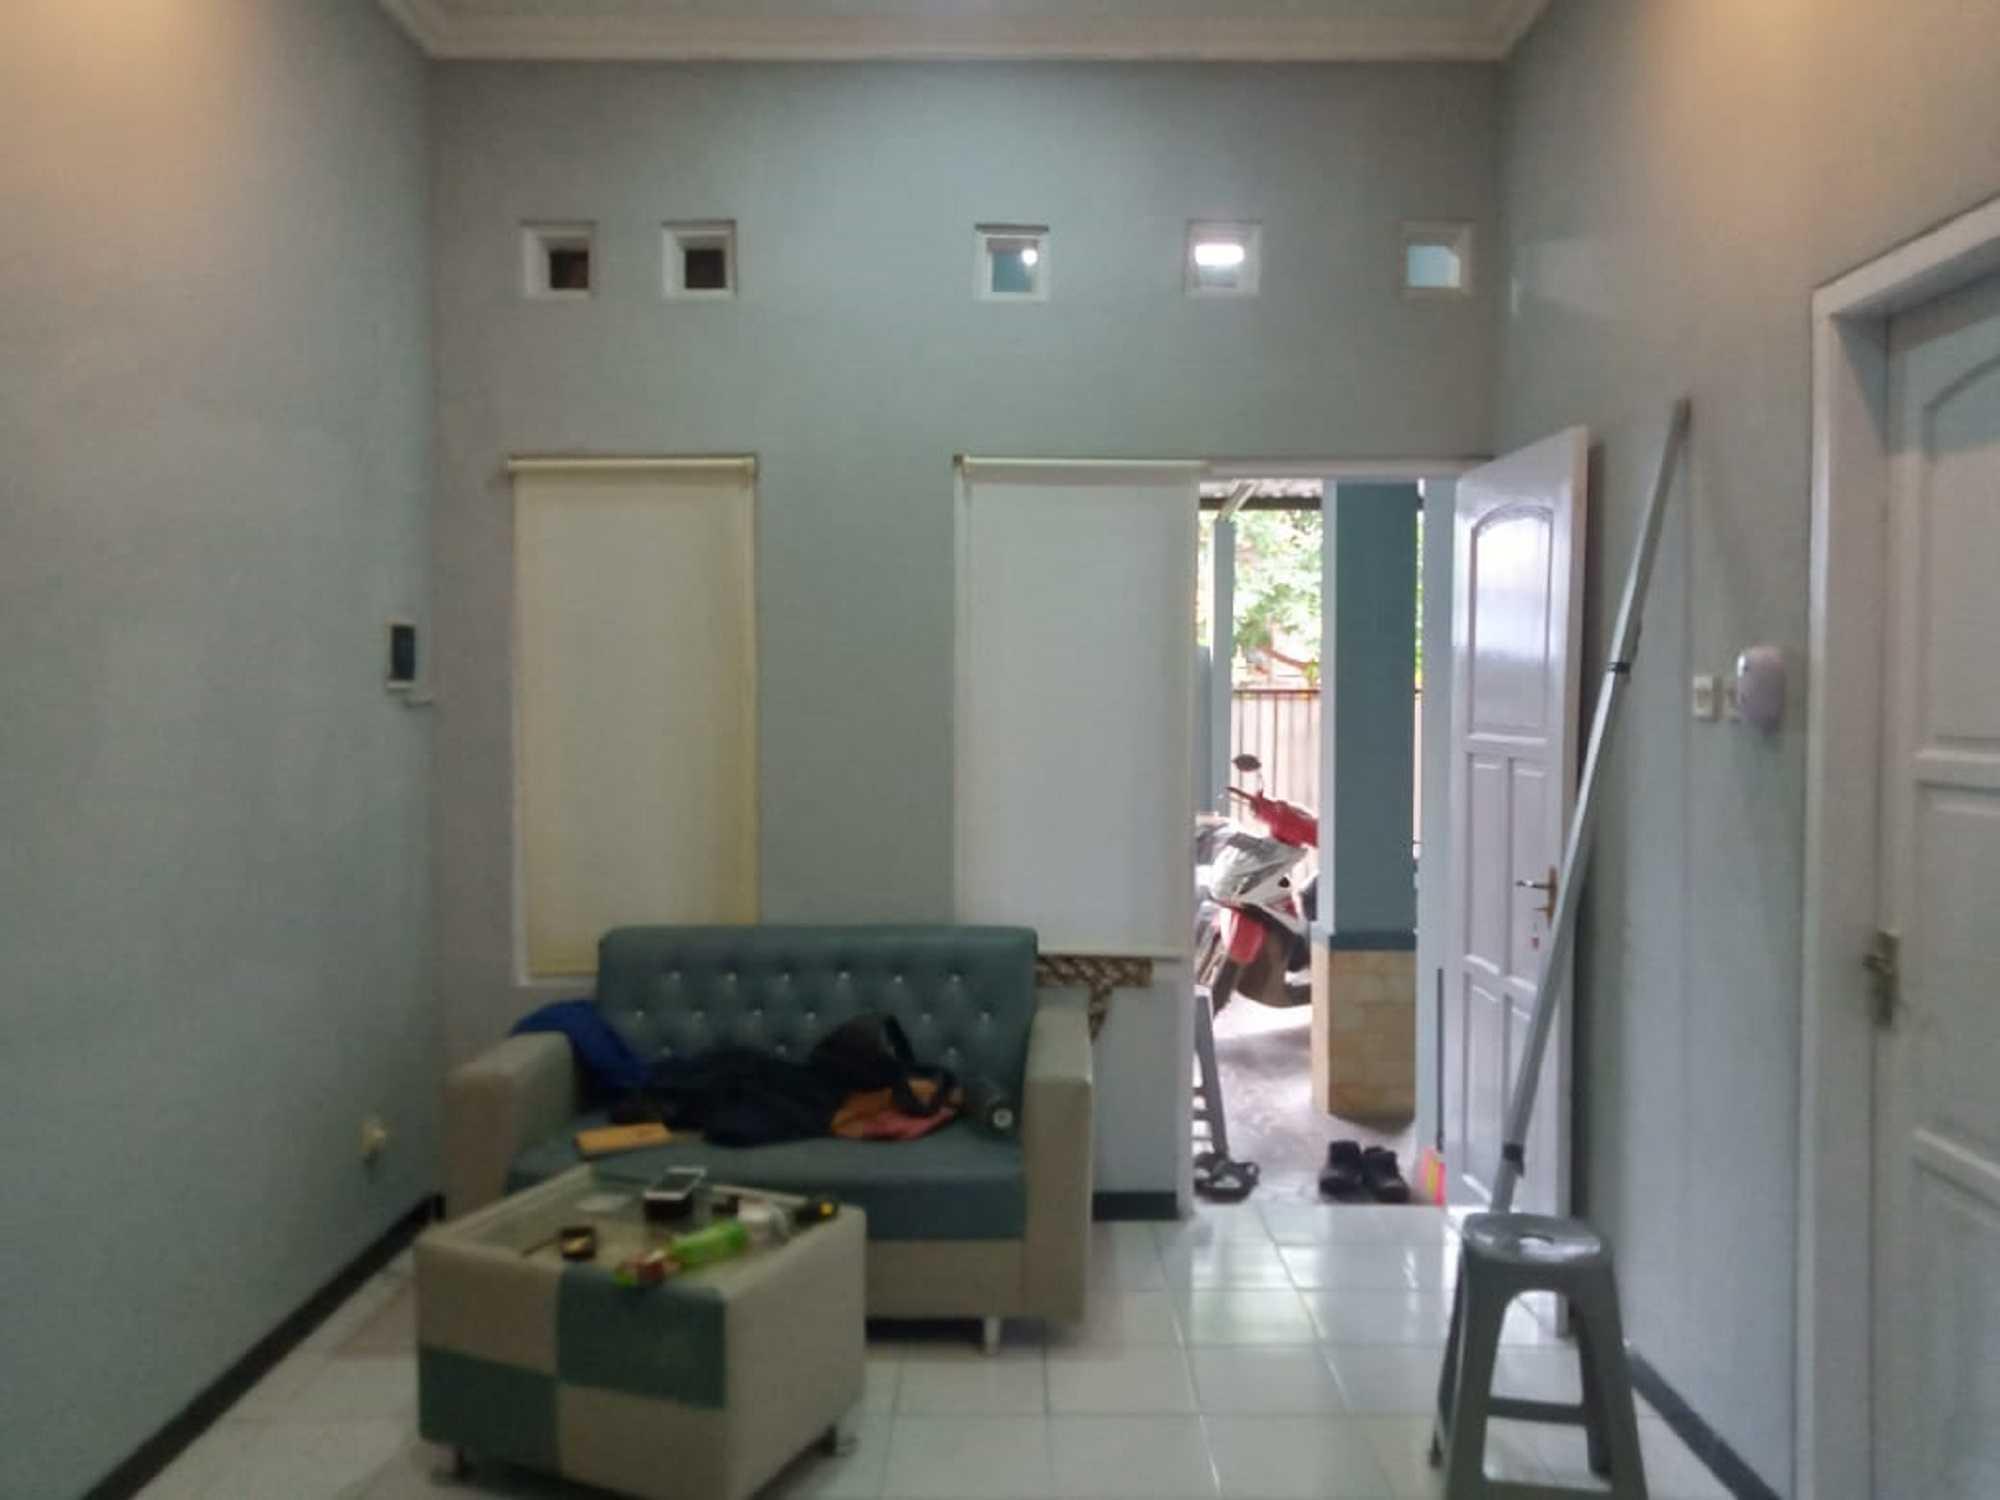 Rekoo Indonesia Repaint Rumah Semarang, Kota Semarang, Jawa Tengah, Indonesia Semarang, Kota Semarang, Jawa Tengah, Indonesia Rekoo-Indonesia-Repaint-Rumah  133257